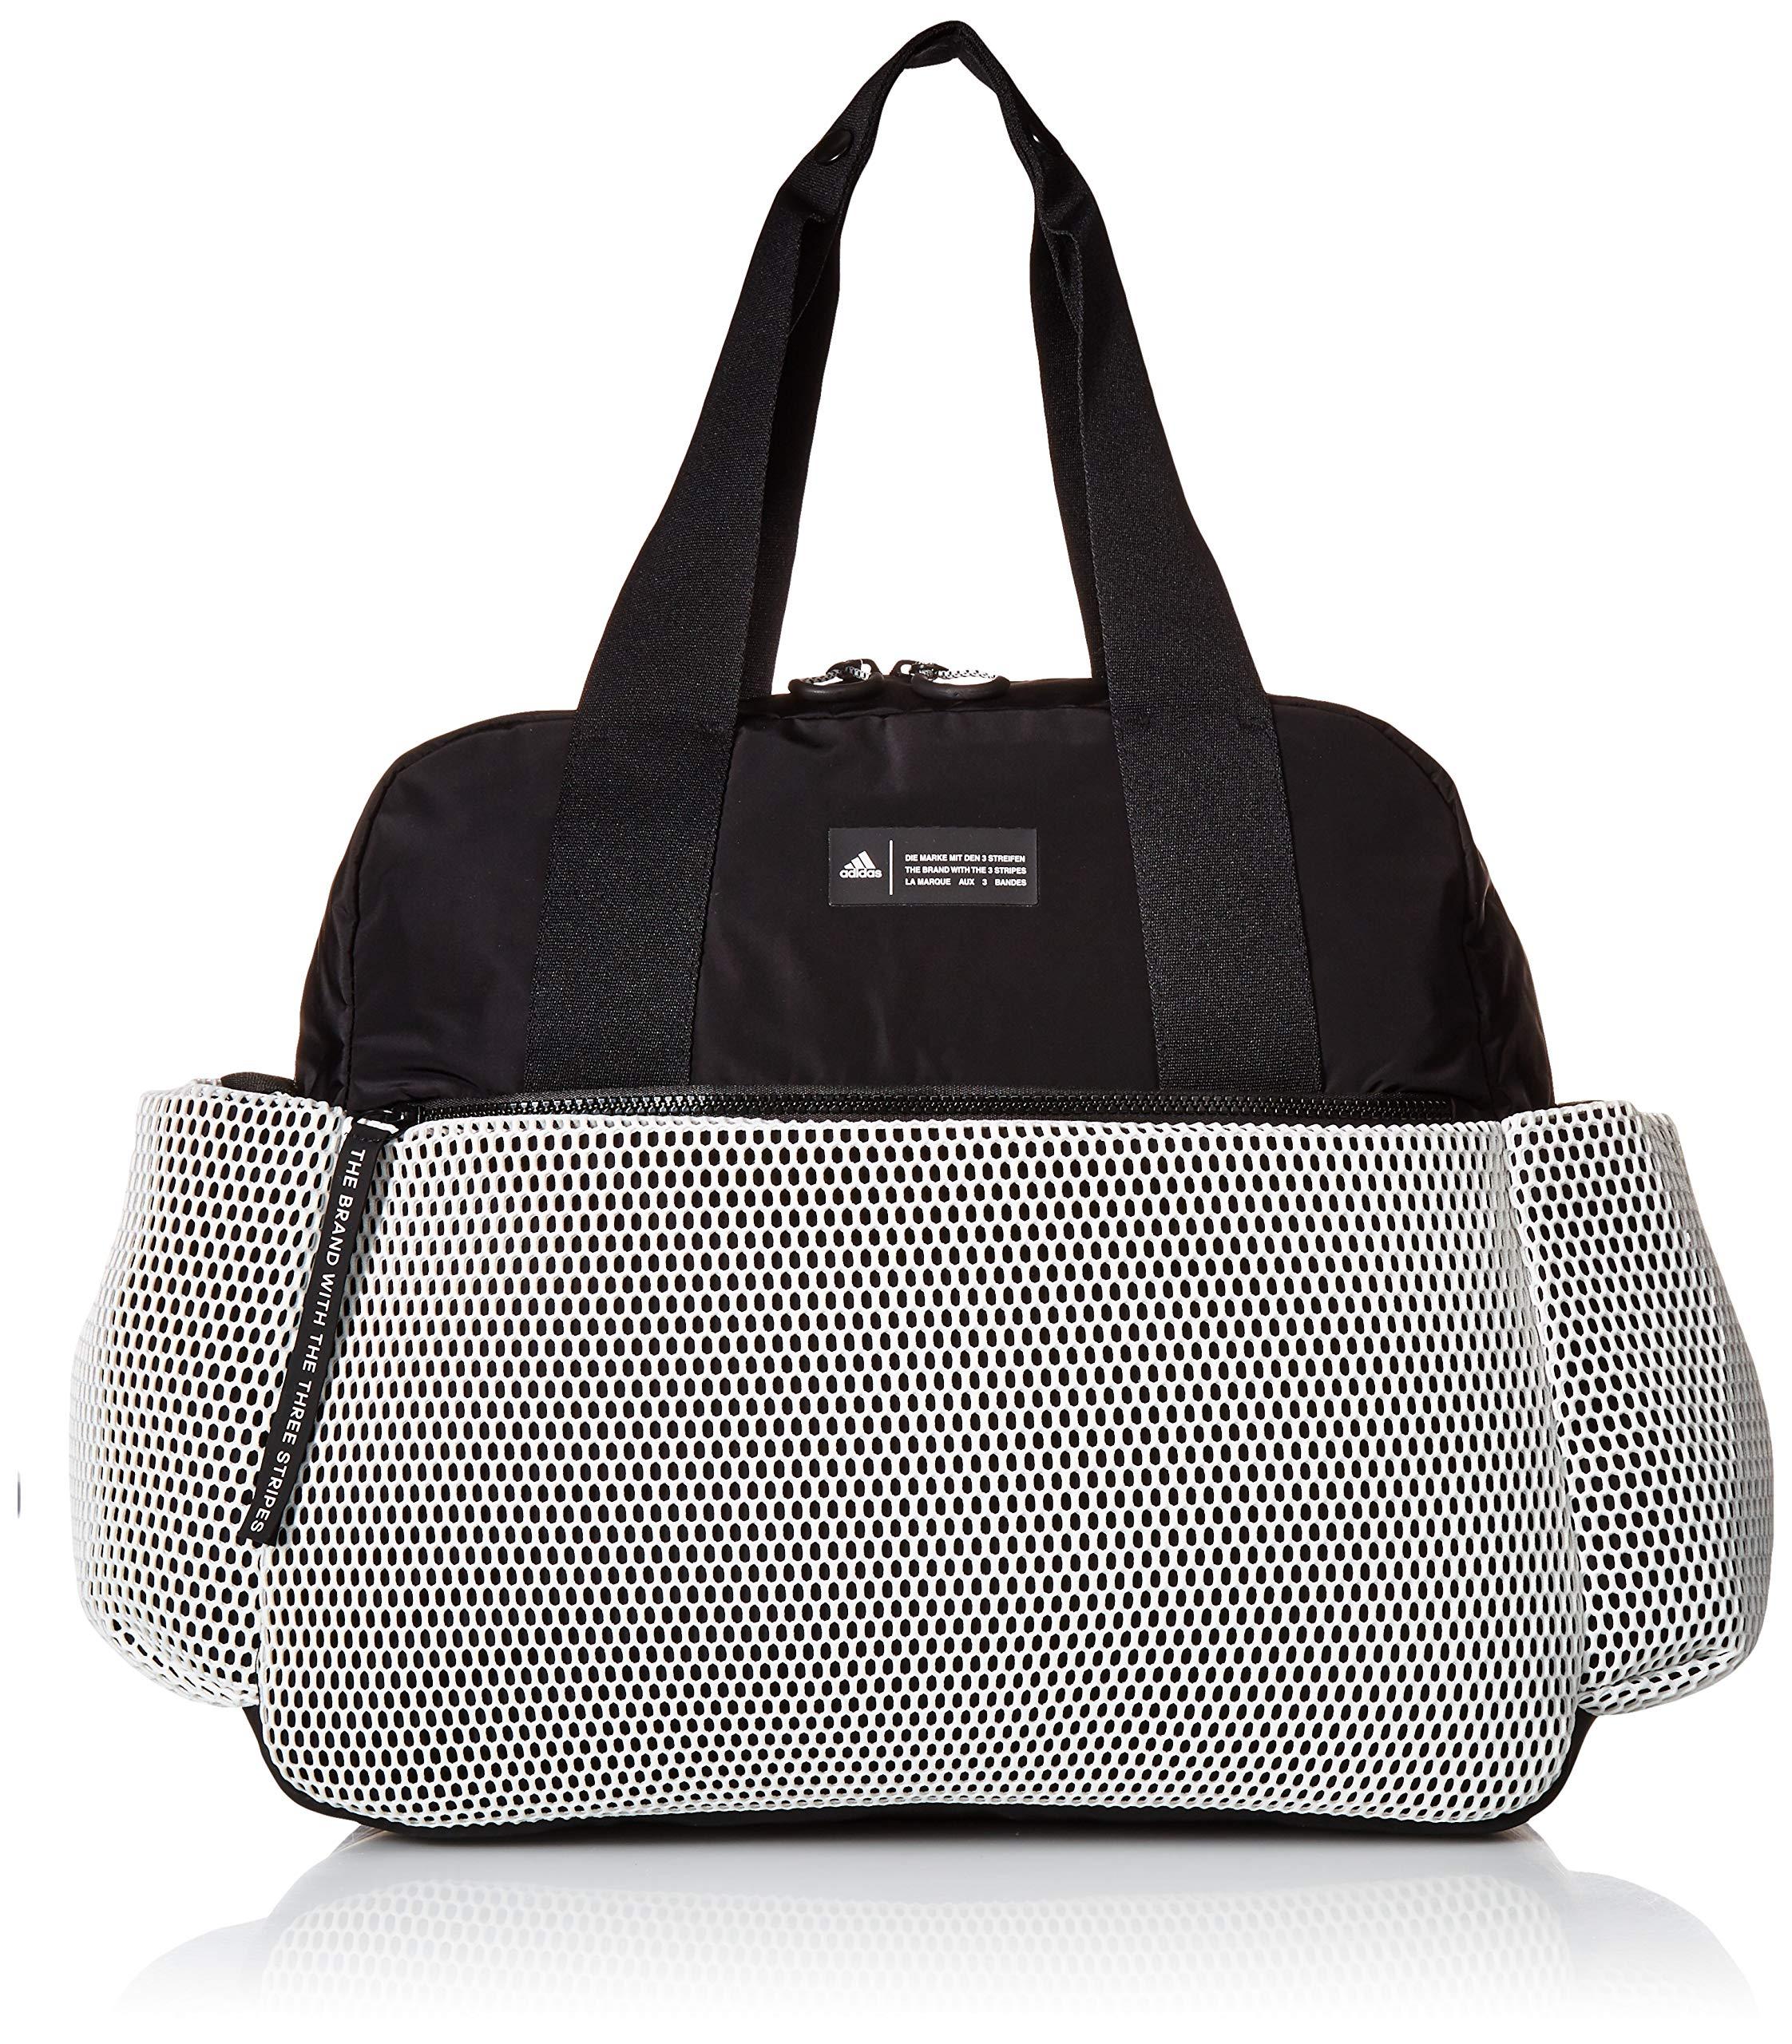 adidas Sport to Street Premium Tote Bag, White/Black/White Mesh, One Size